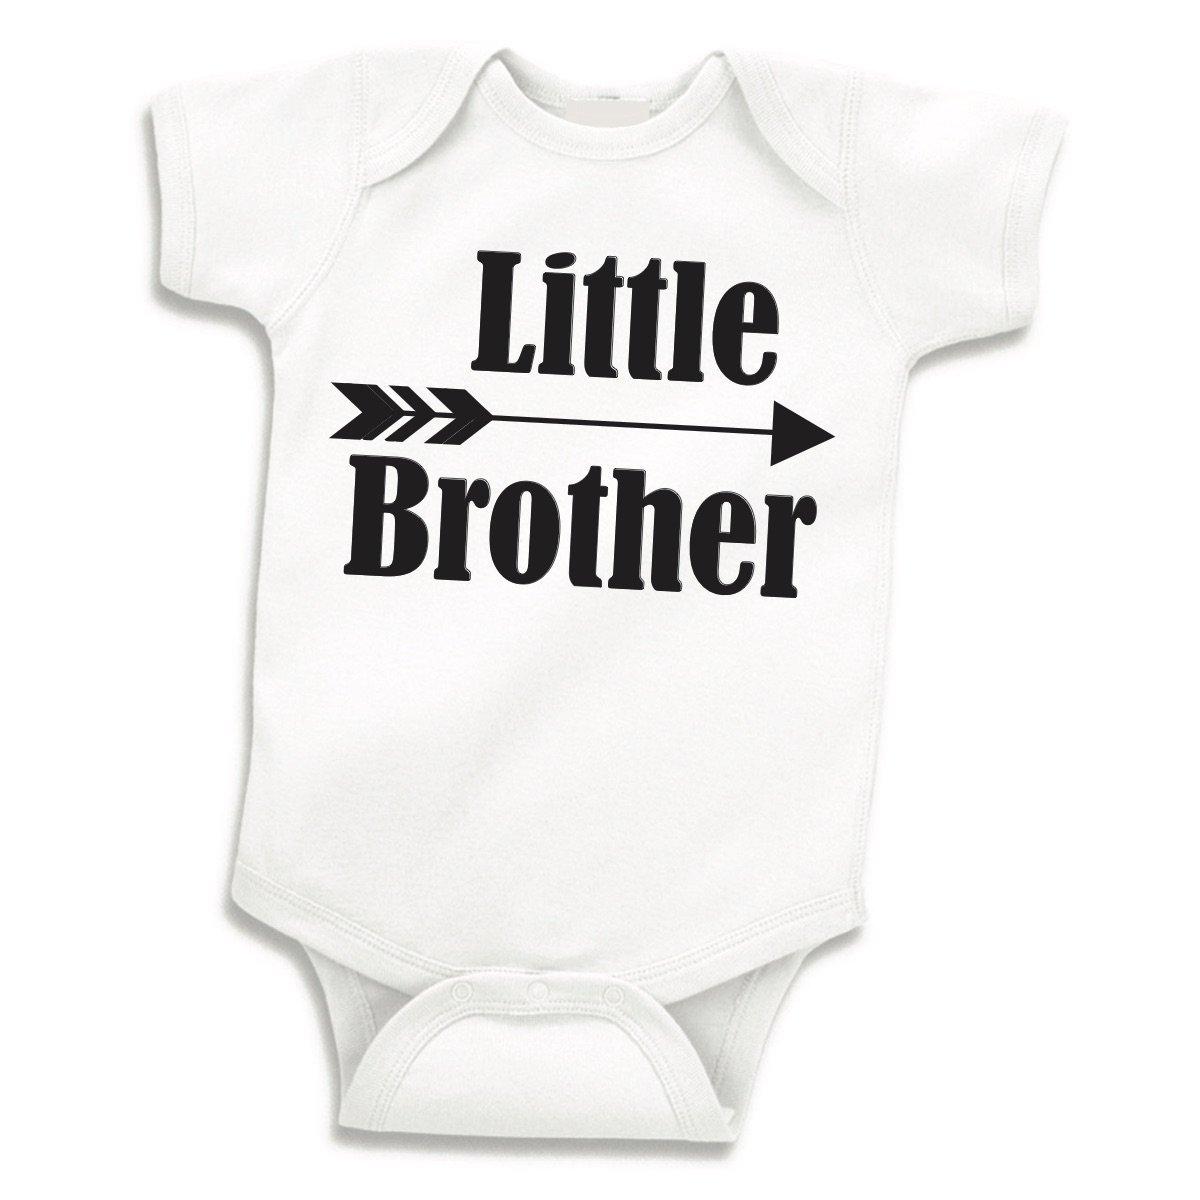 81e98ff4c4fa Amazon.com  Little Brother Shirt